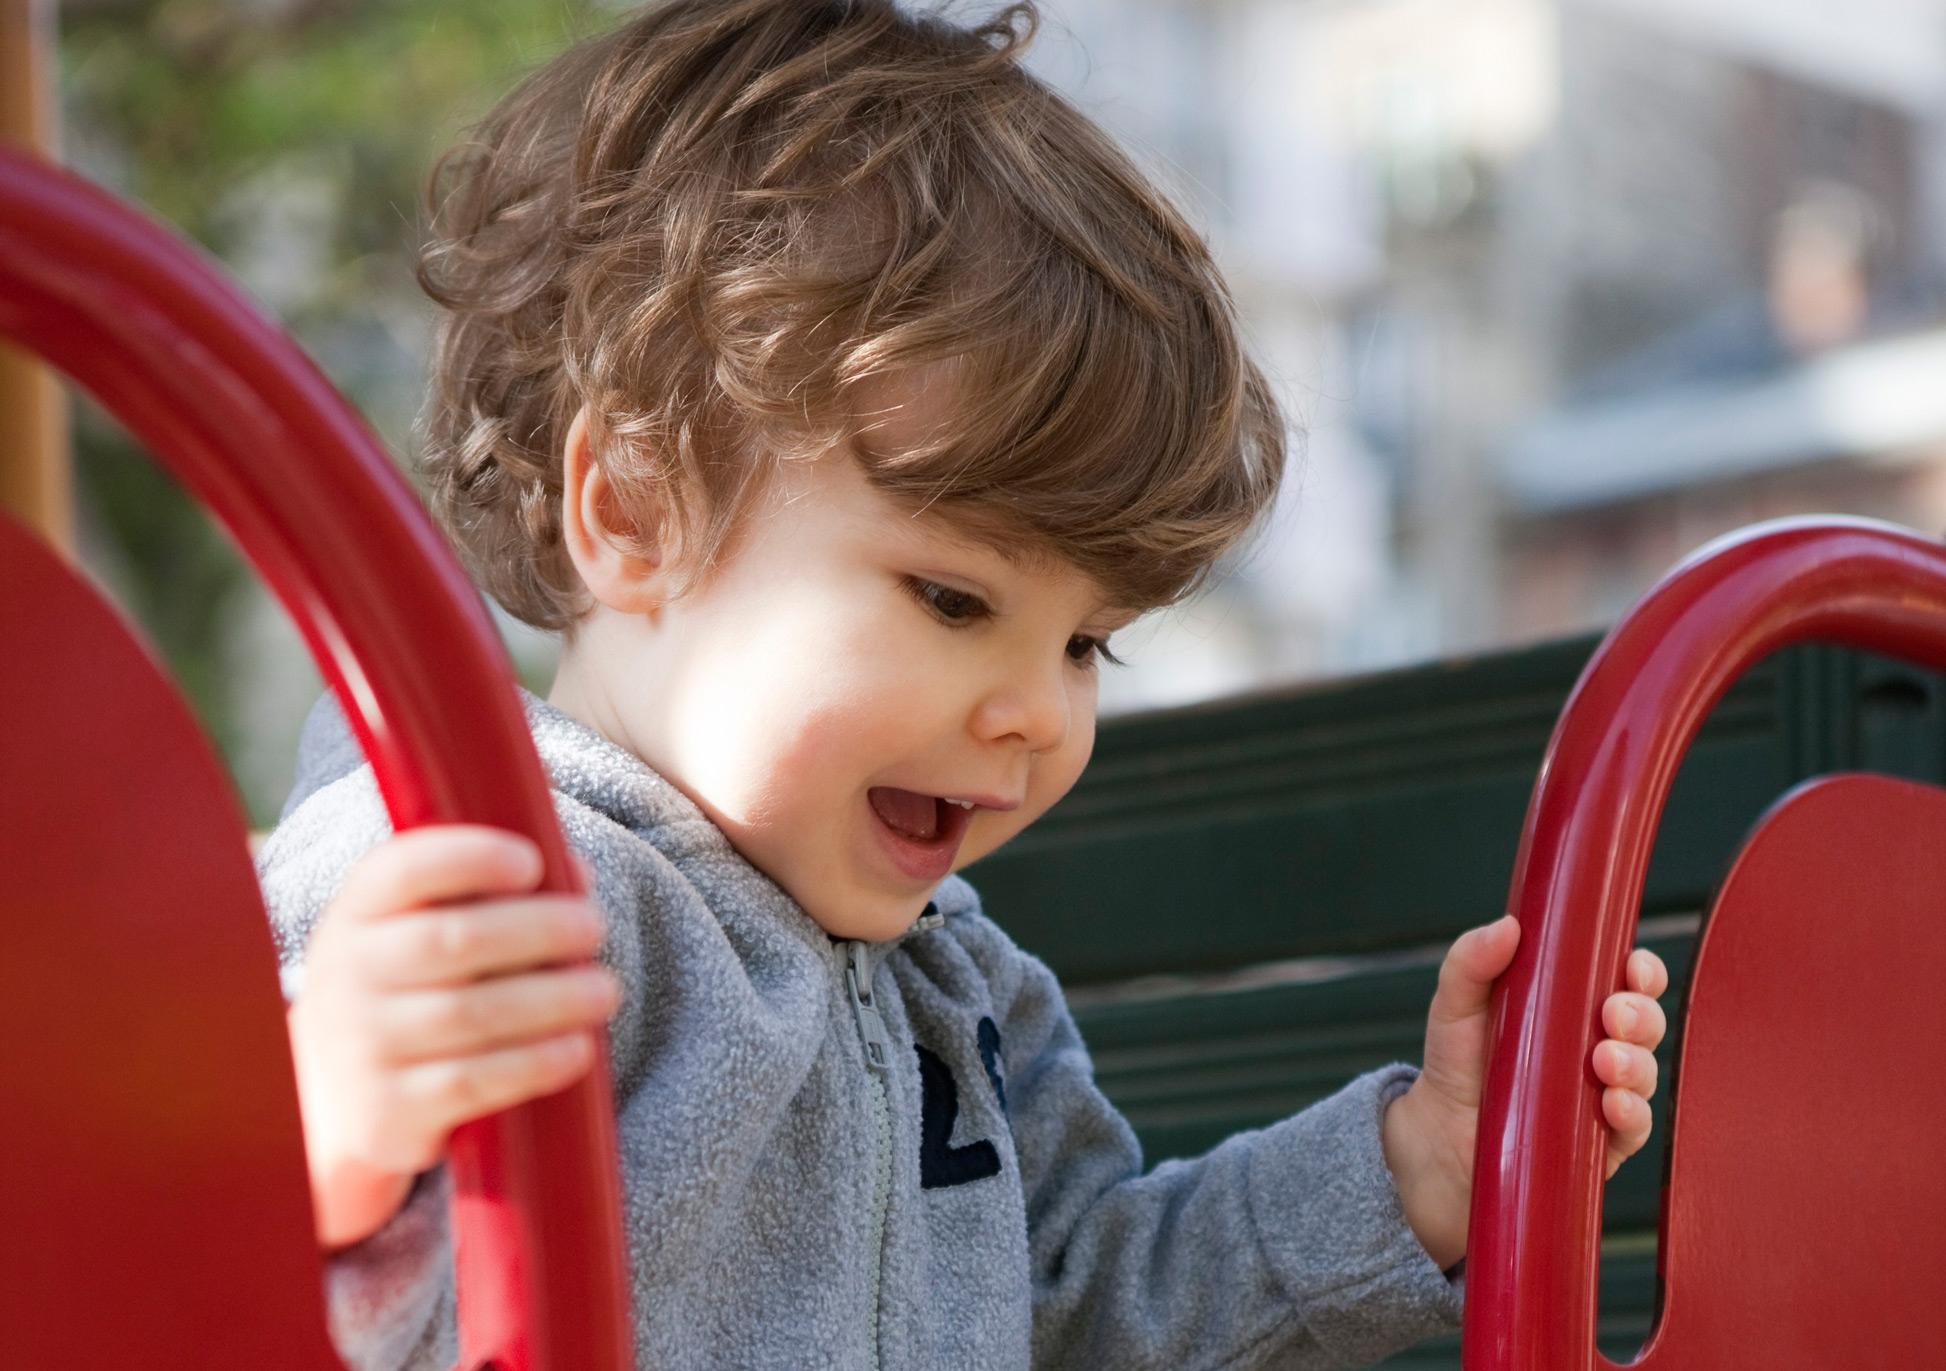 3 À 6 Ans : Savoir Choisir Le Bon Jeu Pour Son Enfant concernant Les Jeux De Petit Garcon